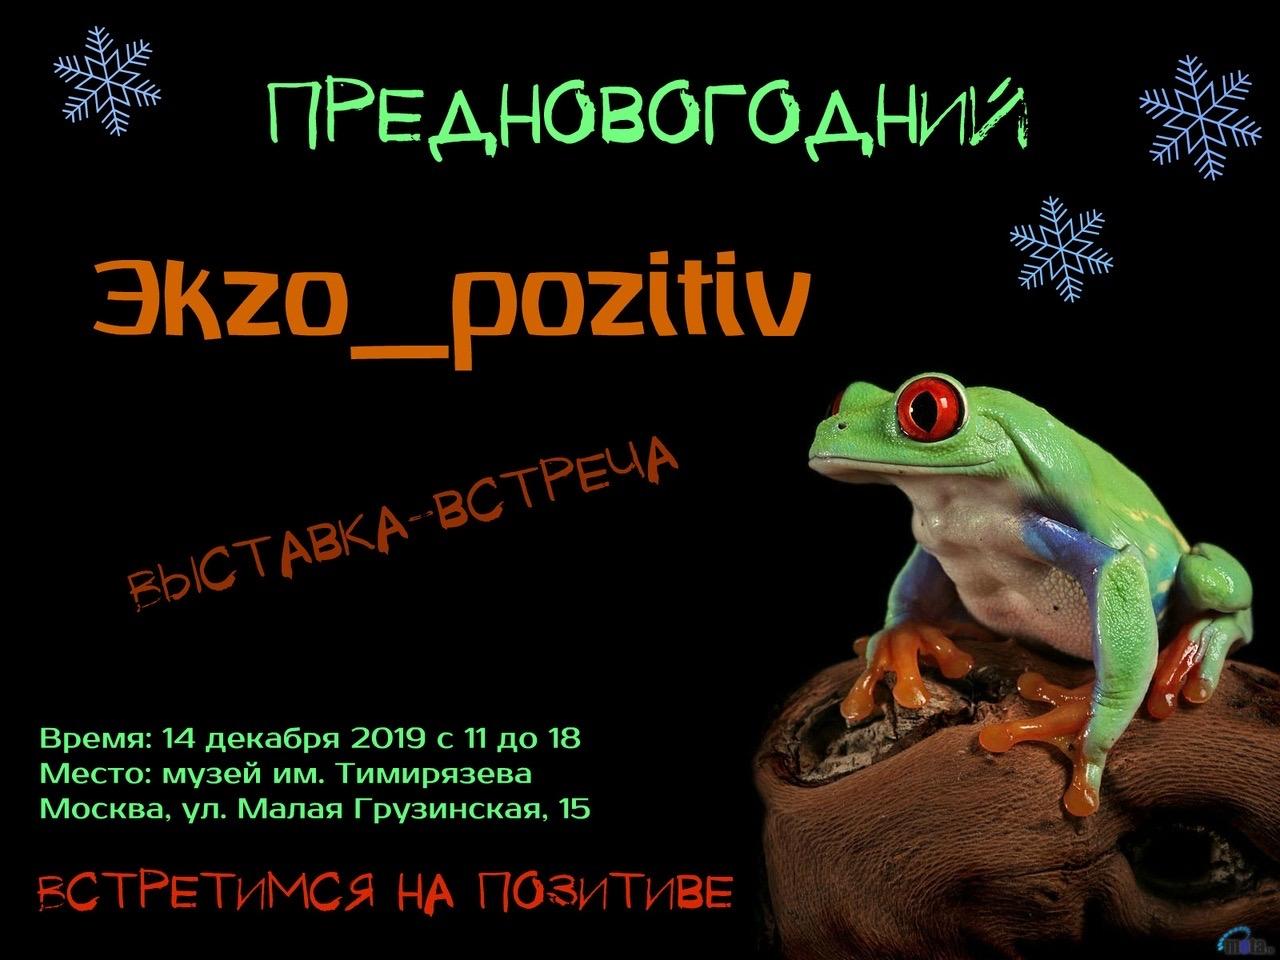 """14 декабря """"ЭКZO-POZITIV"""" в Биологическом музее им. Тимирязева"""